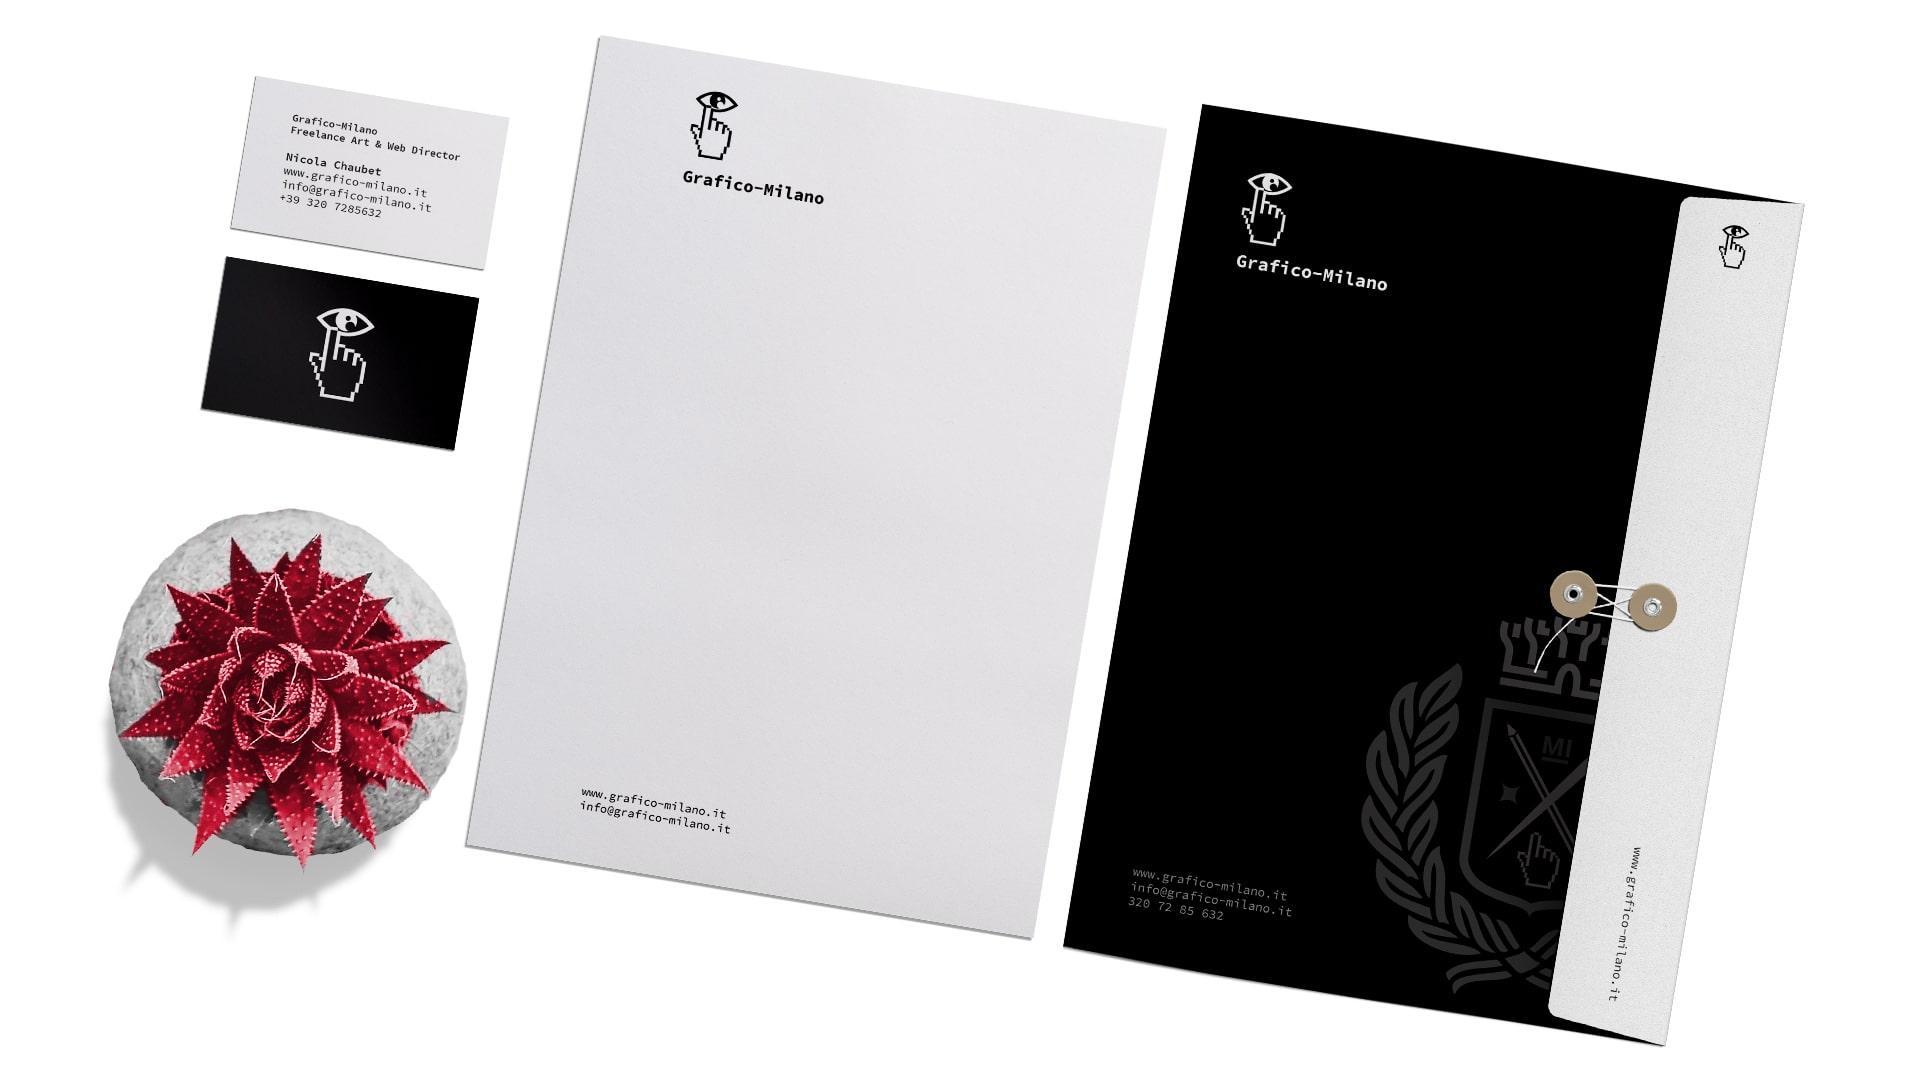 logo design grafico milano cover min